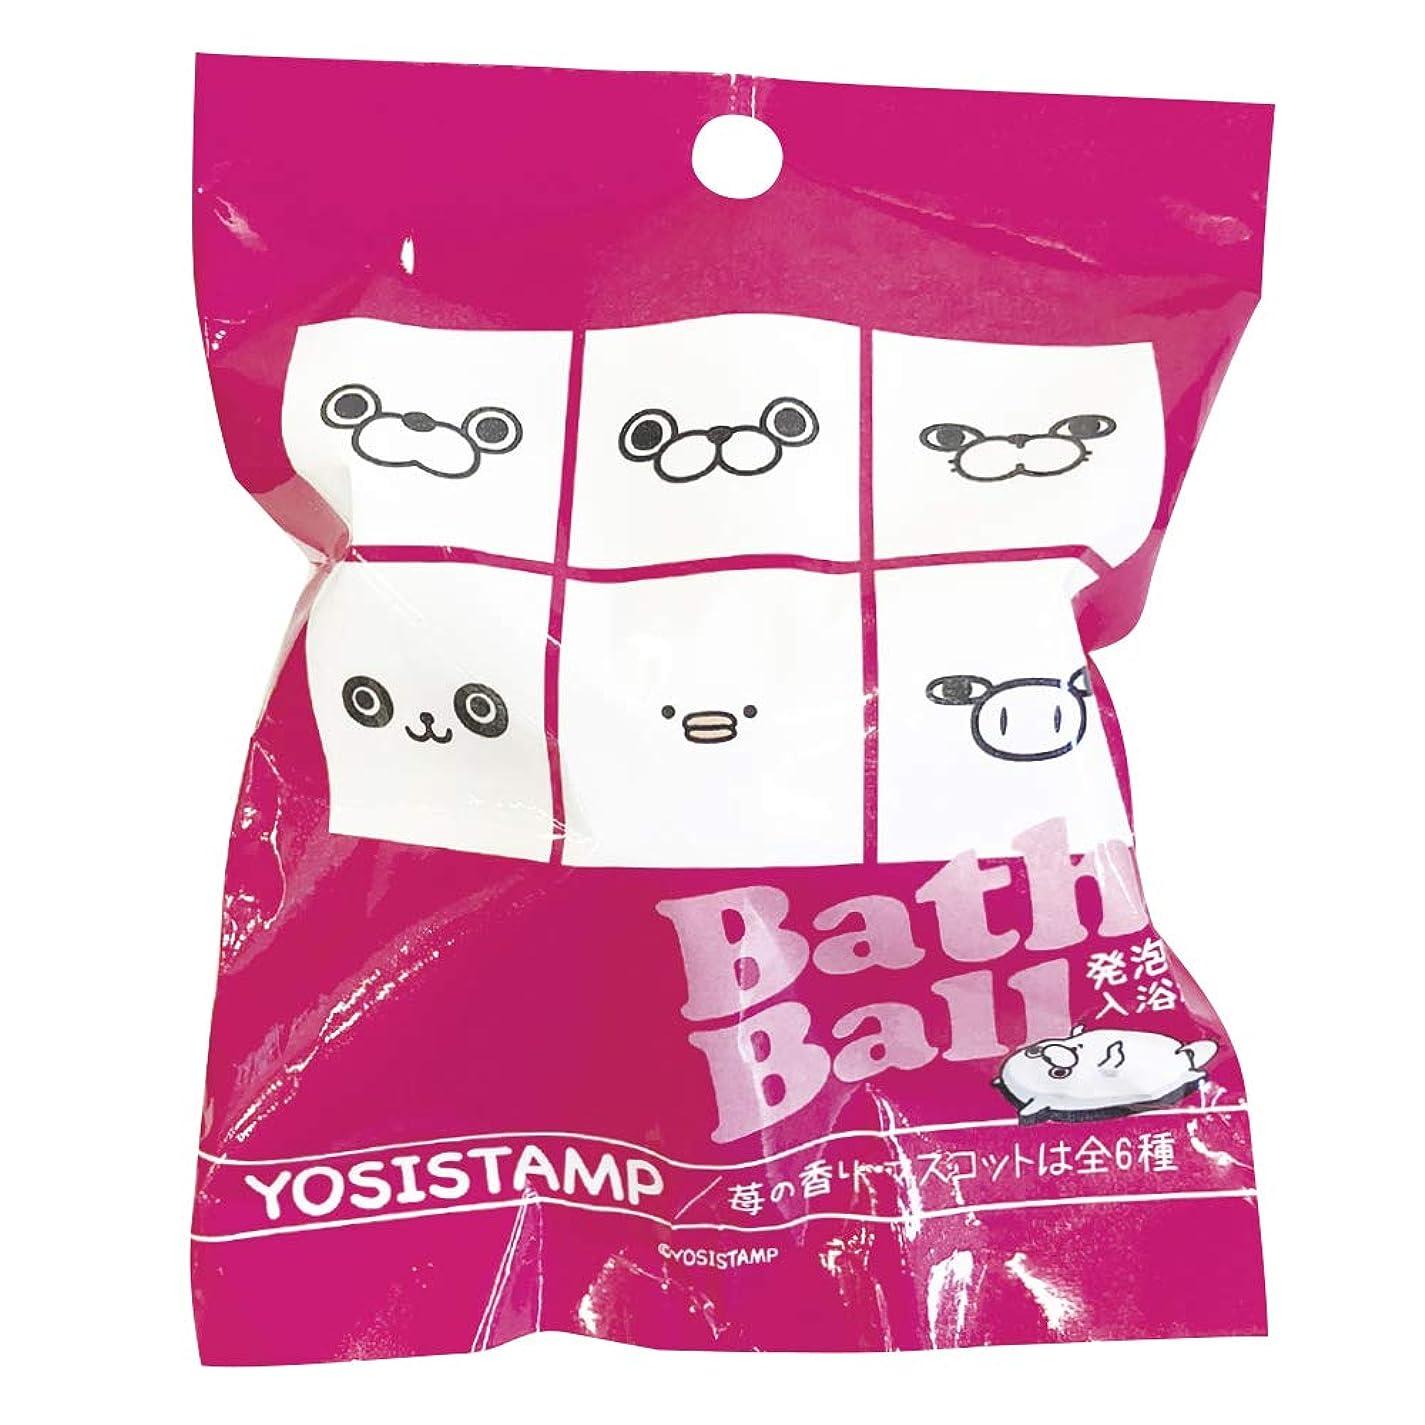 キリマンジャロシェルター追い払うヨッシースタンプ 入浴剤 バスボール おまけ付き イチゴの香り ABD-004-002